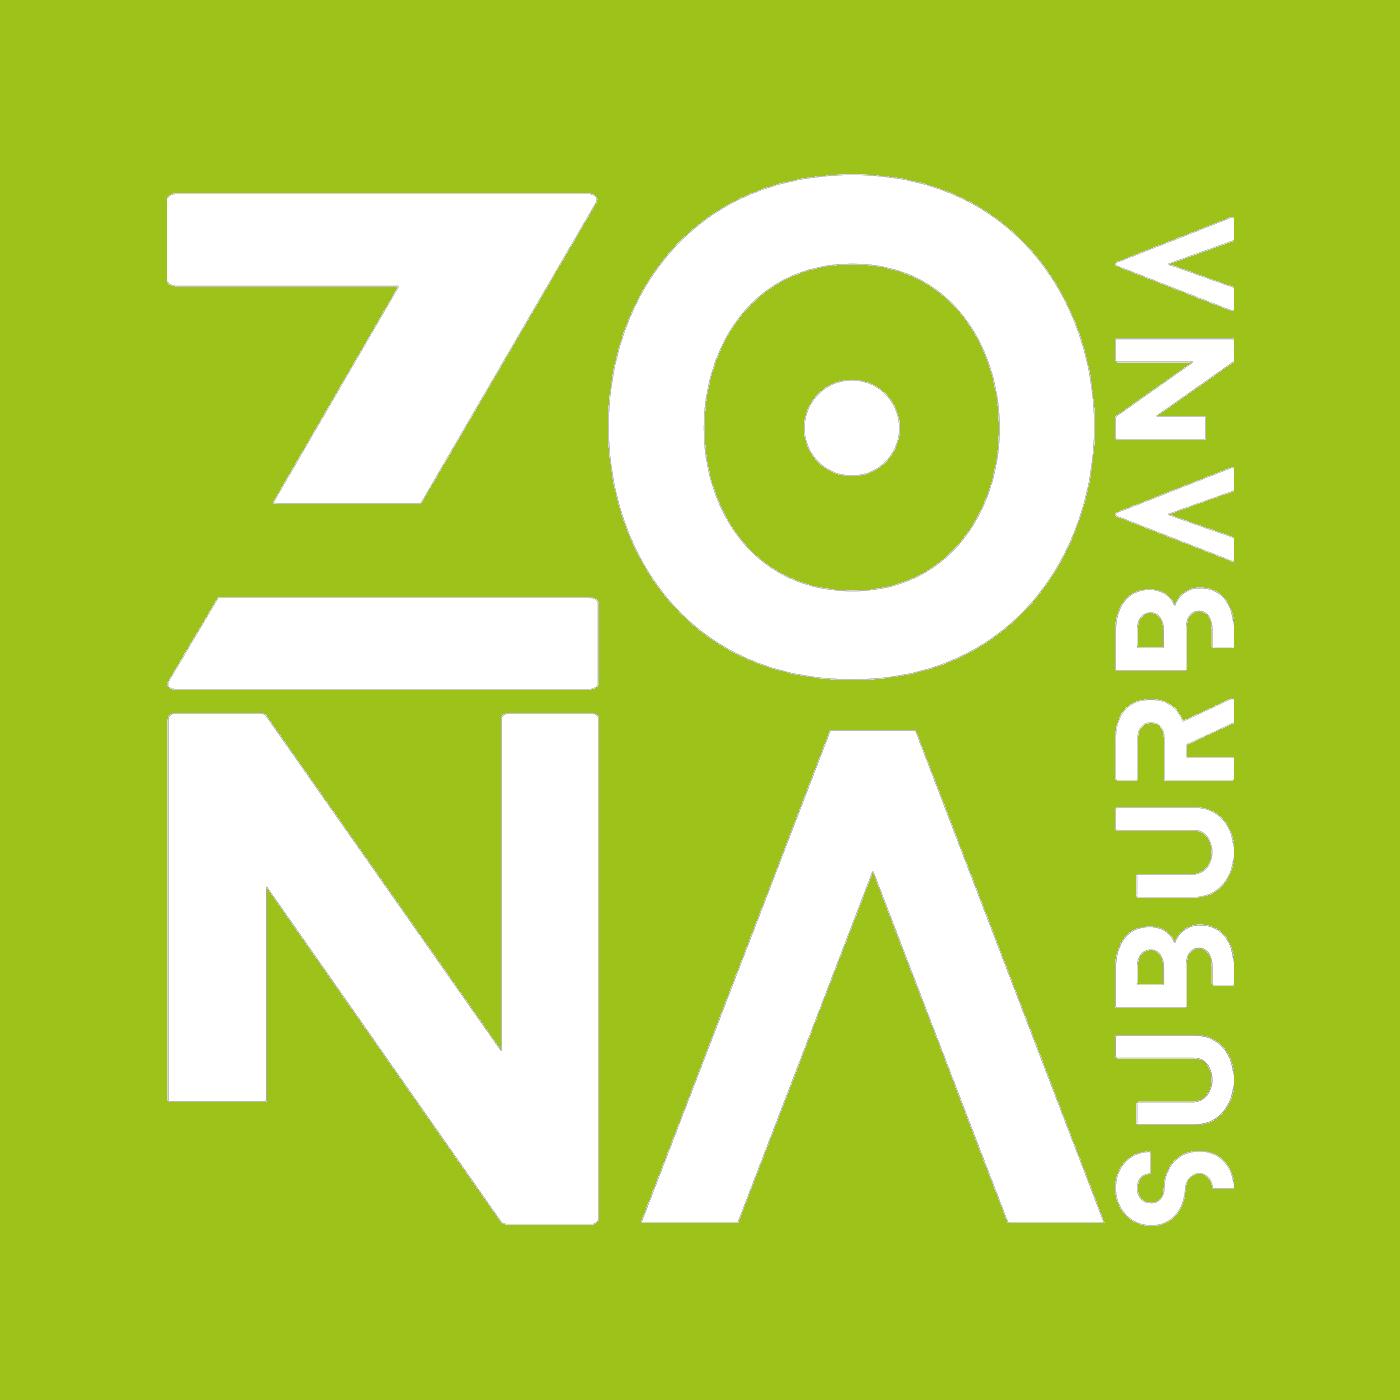 ZonaSuburbana